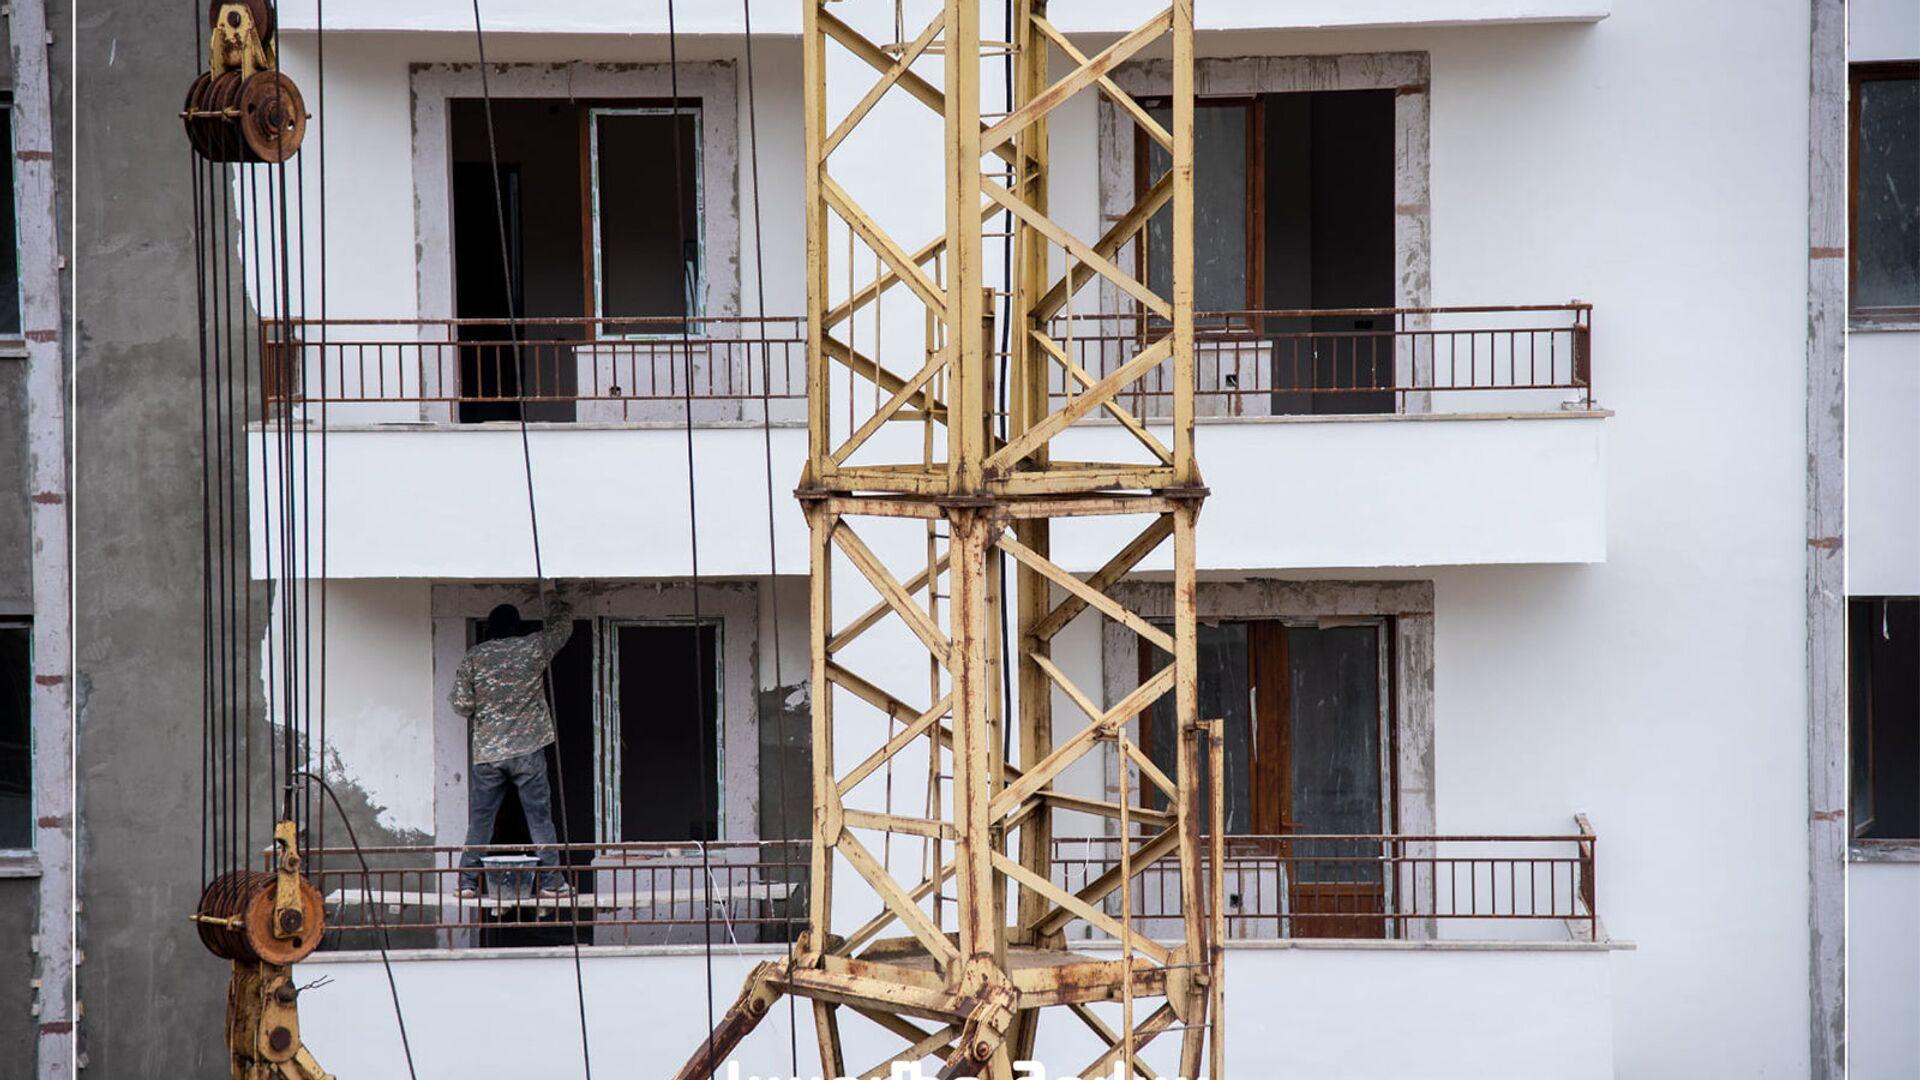 Строительство многоквартирного здания в селе Кармир Шука в Карабахе - Sputnik Արմենիա, 1920, 17.09.2021